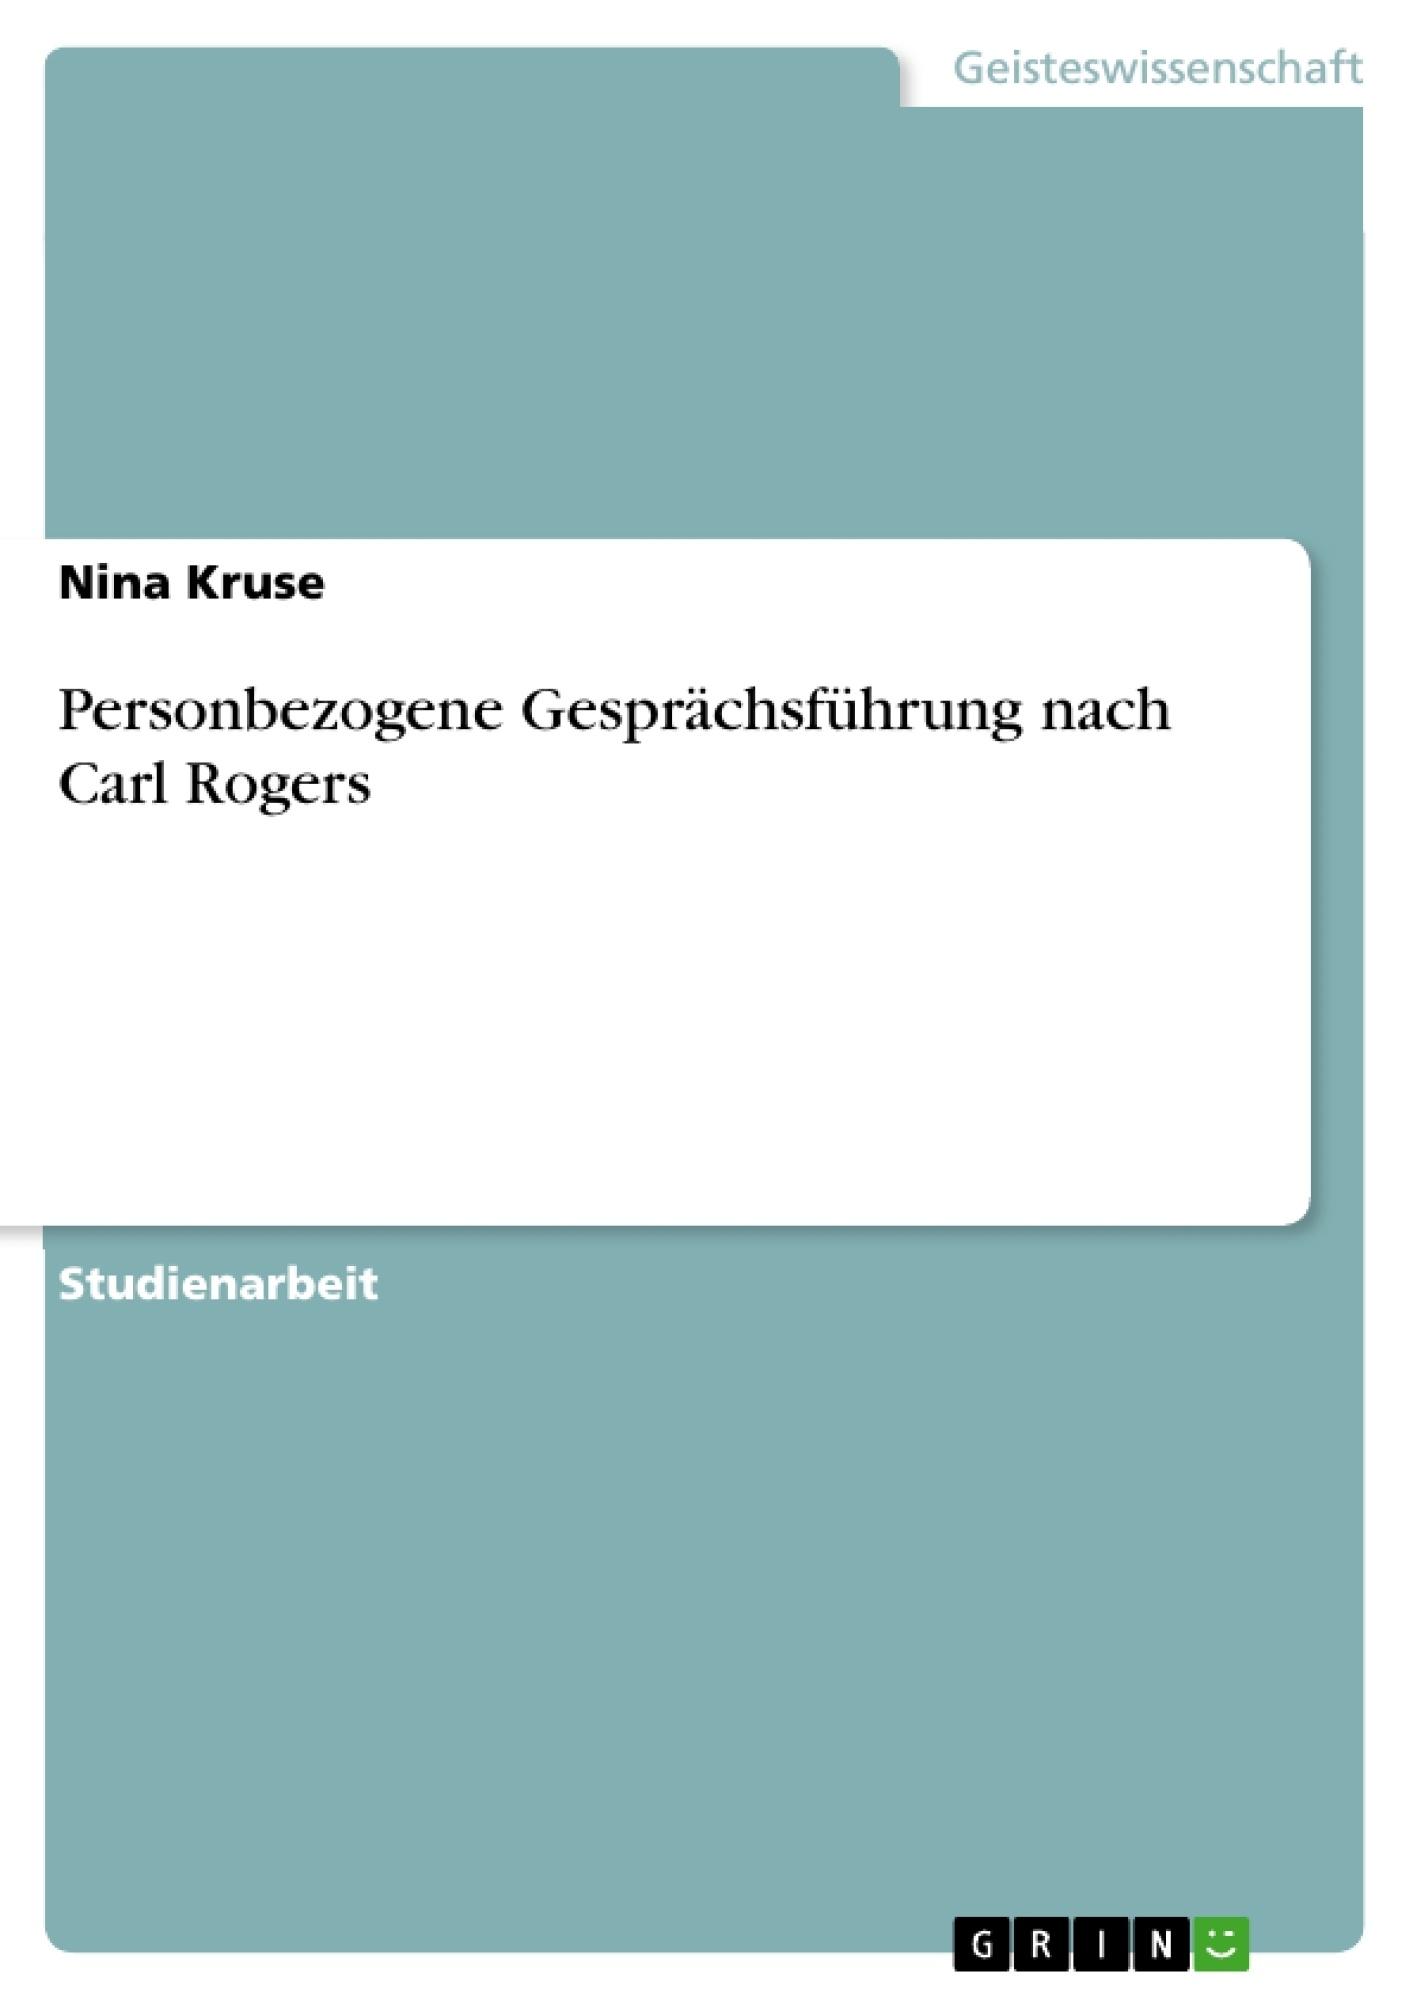 Titel: Personbezogene Gesprächsführung nach Carl Rogers